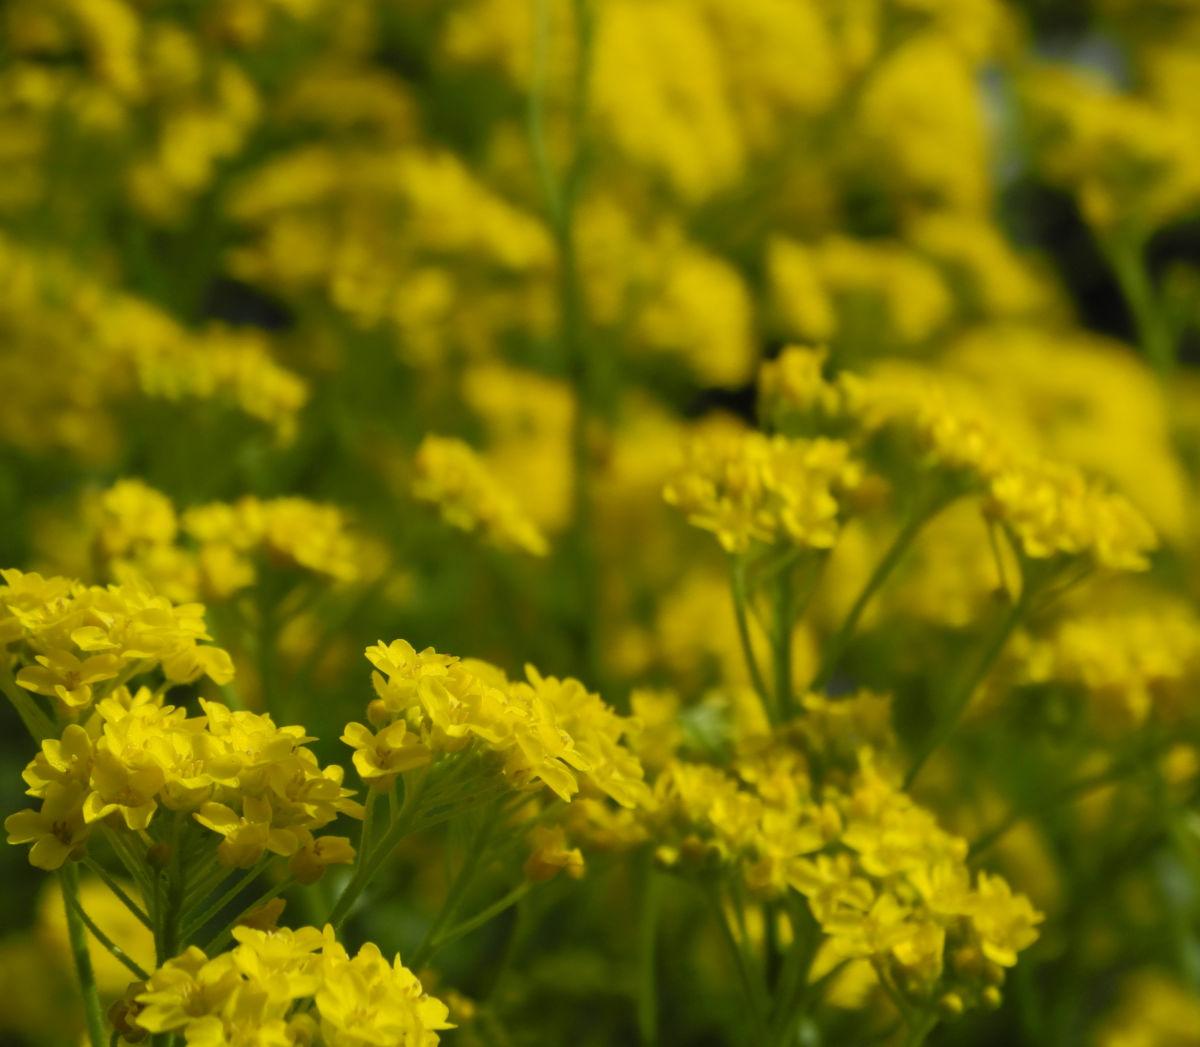 Orientalisches Steinkraut Bluete gelb Allyssum orientale